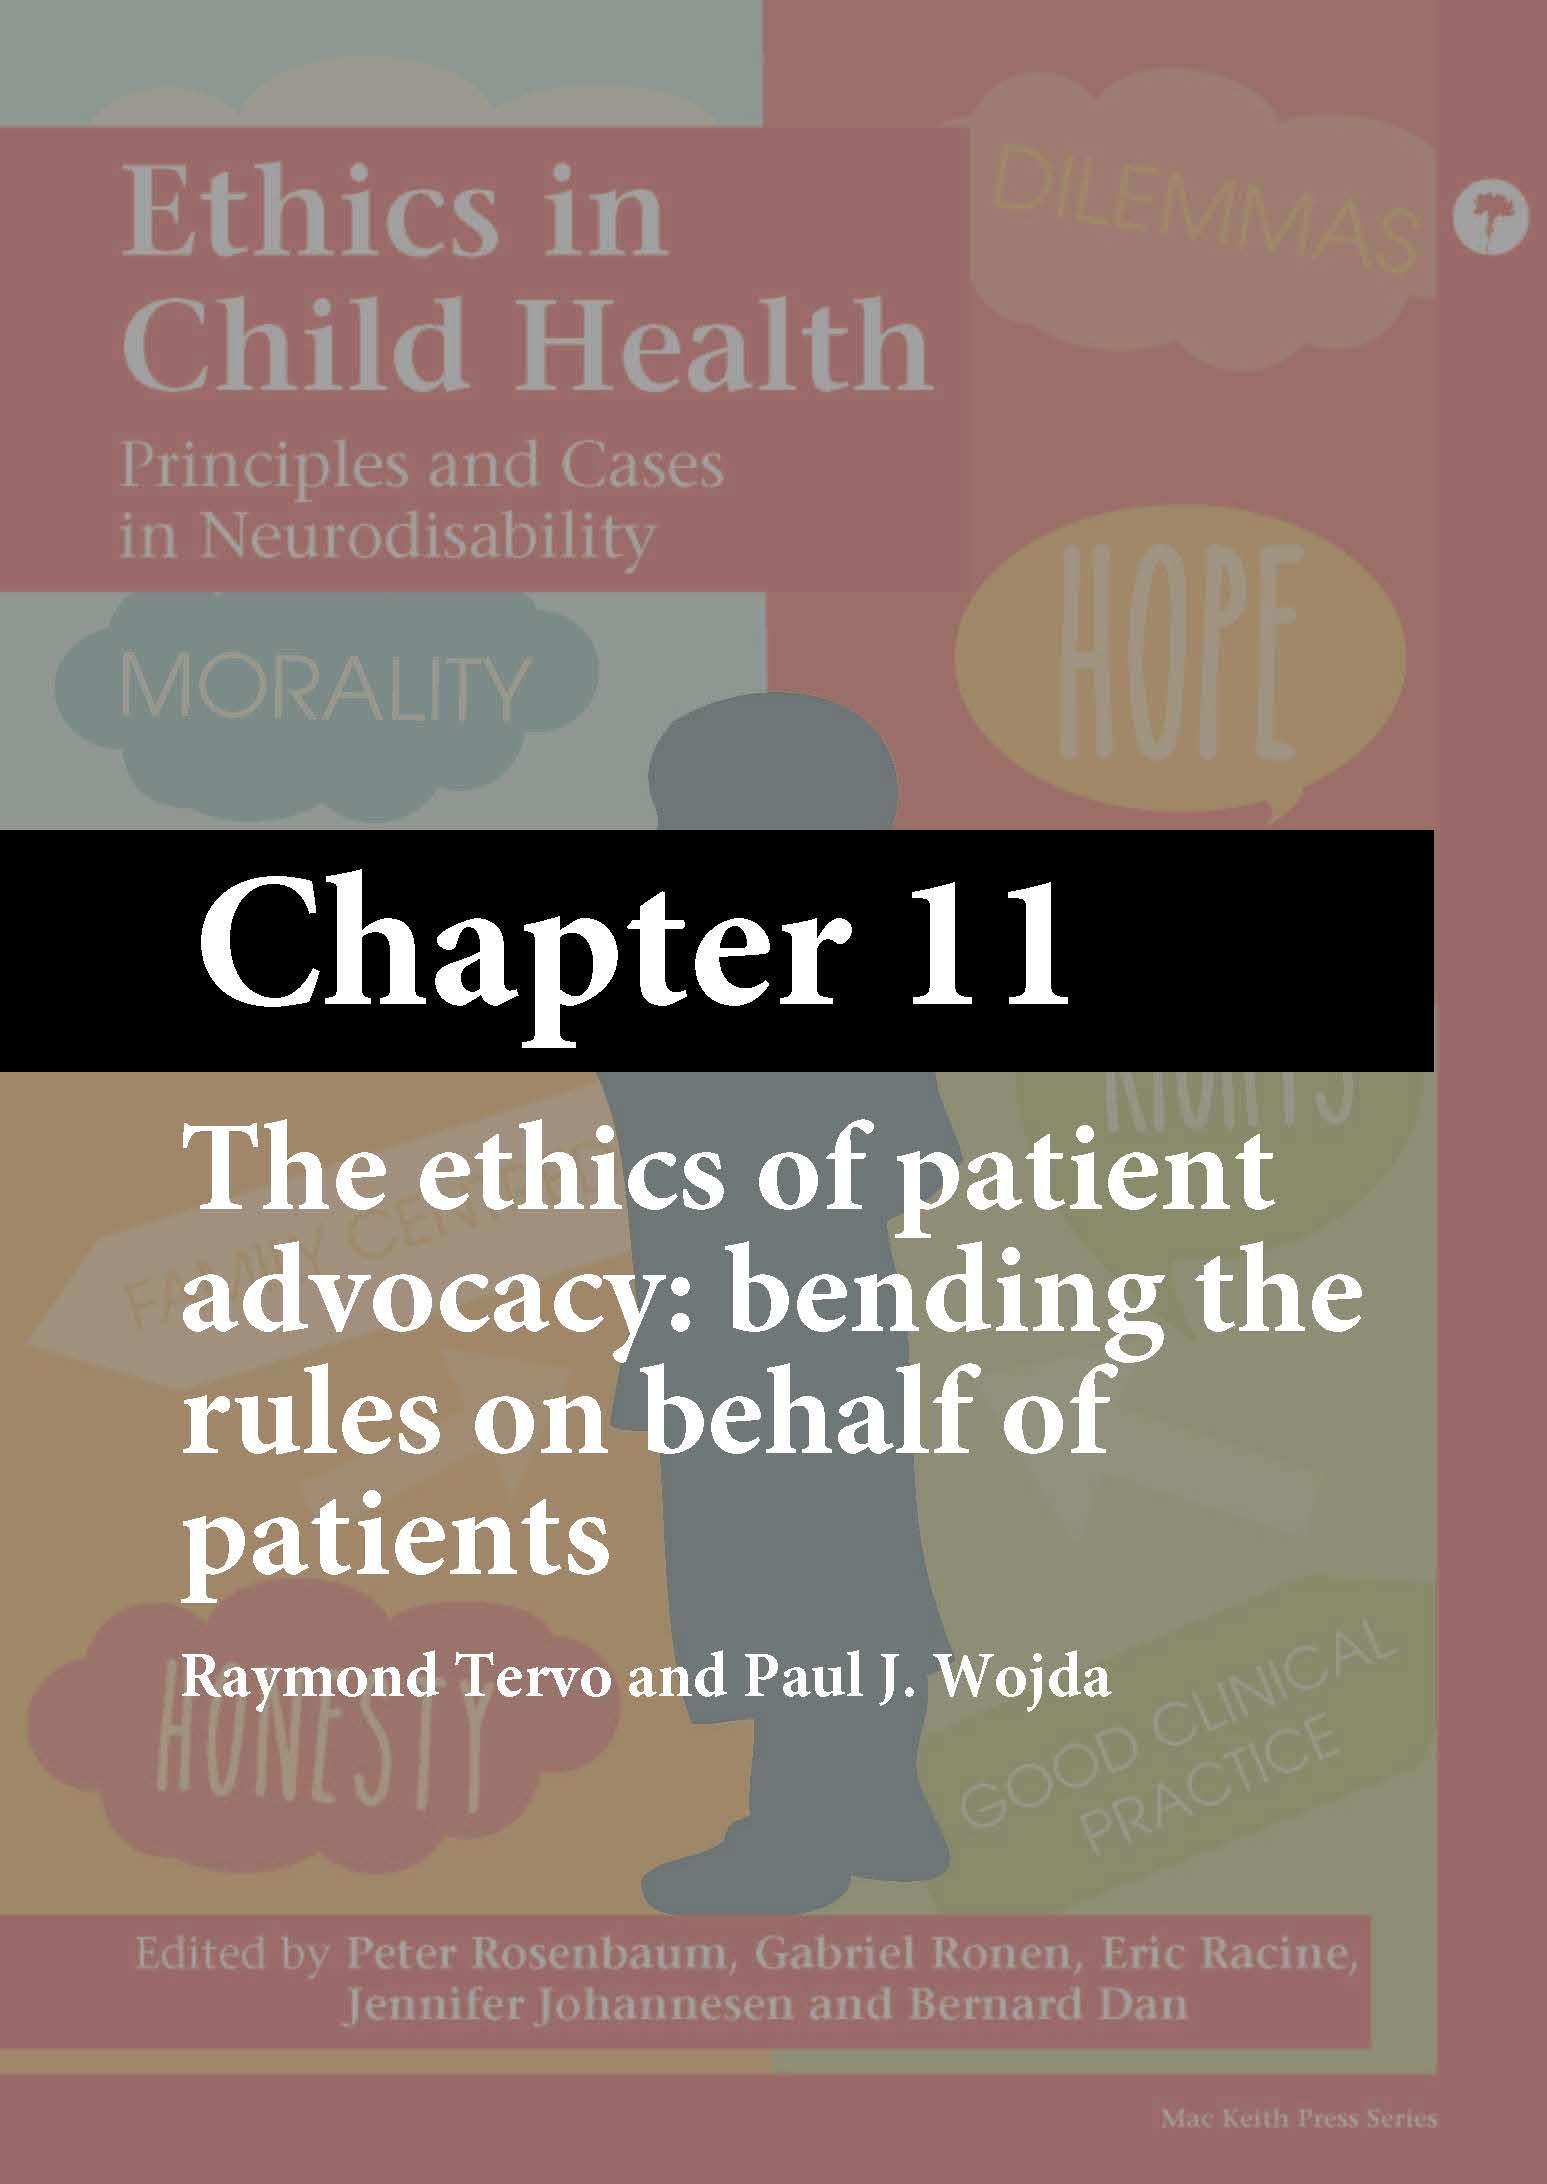 Ethics in Child Health, Rosenbaum, Chapter 11 cover